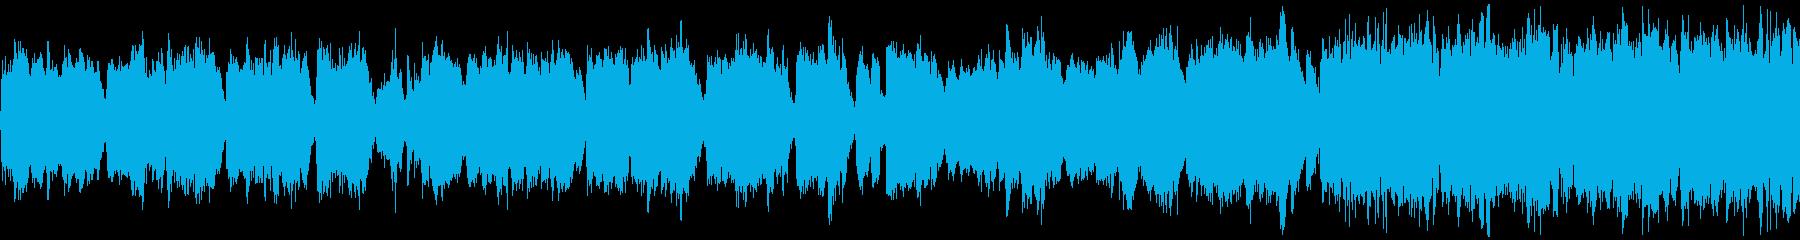 鉱山の妖精ドワーフをイメージした行進曲の再生済みの波形